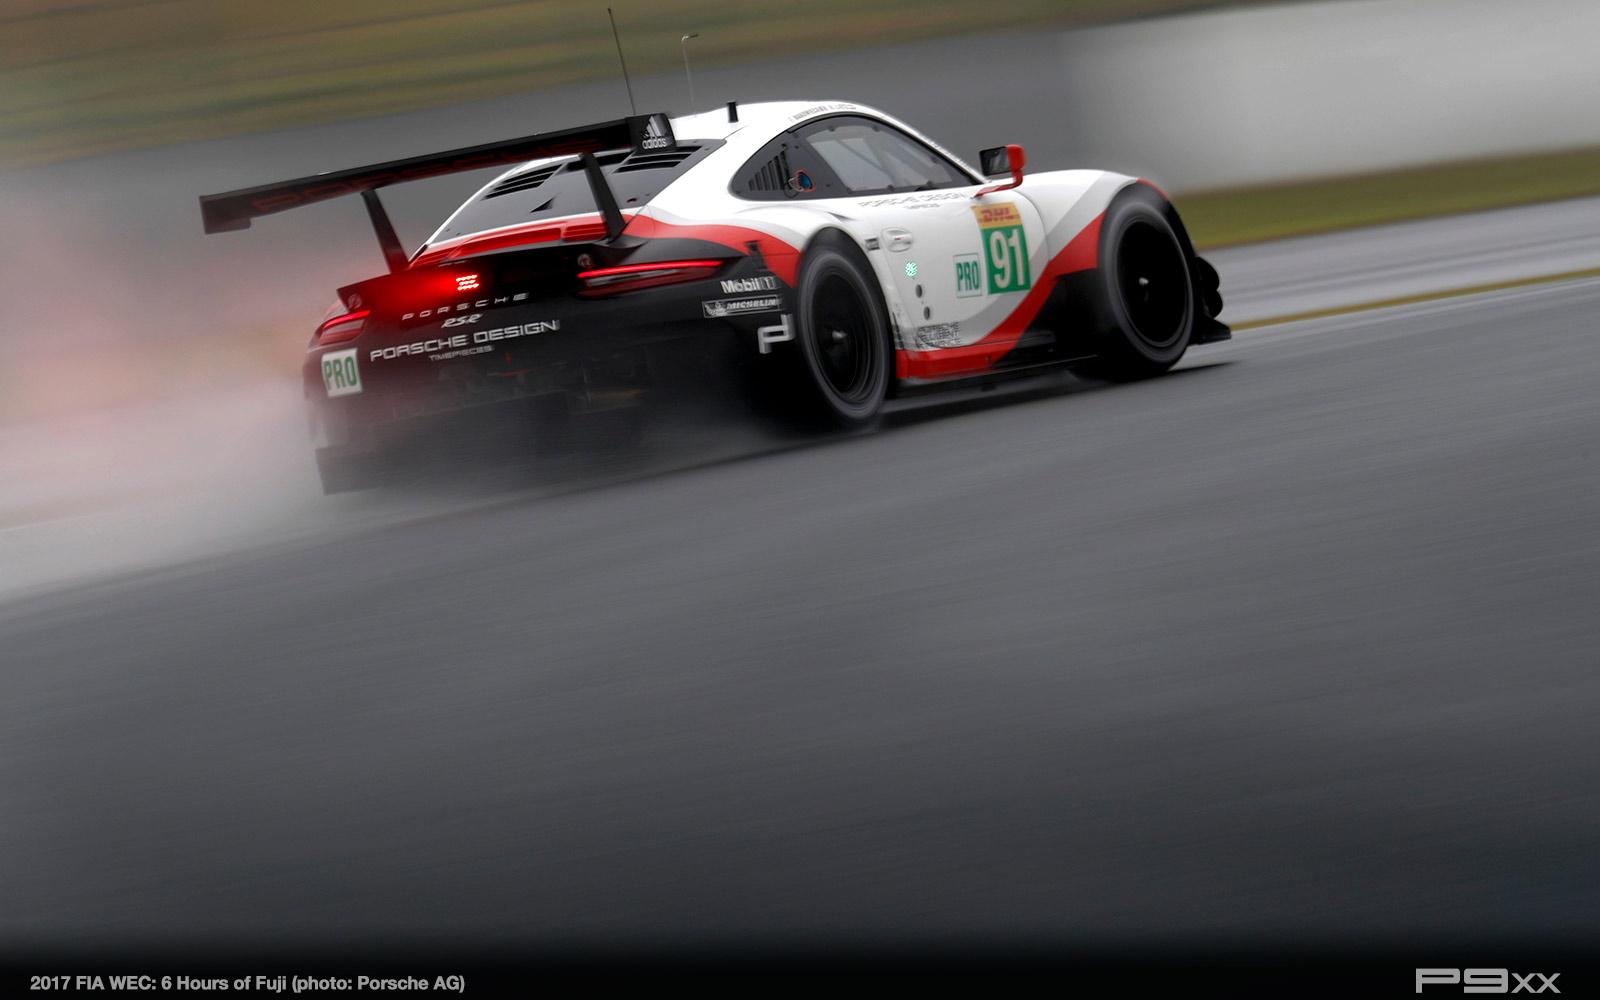 2017-FIA-WEC-6h-of-Fuji-Porsche-461